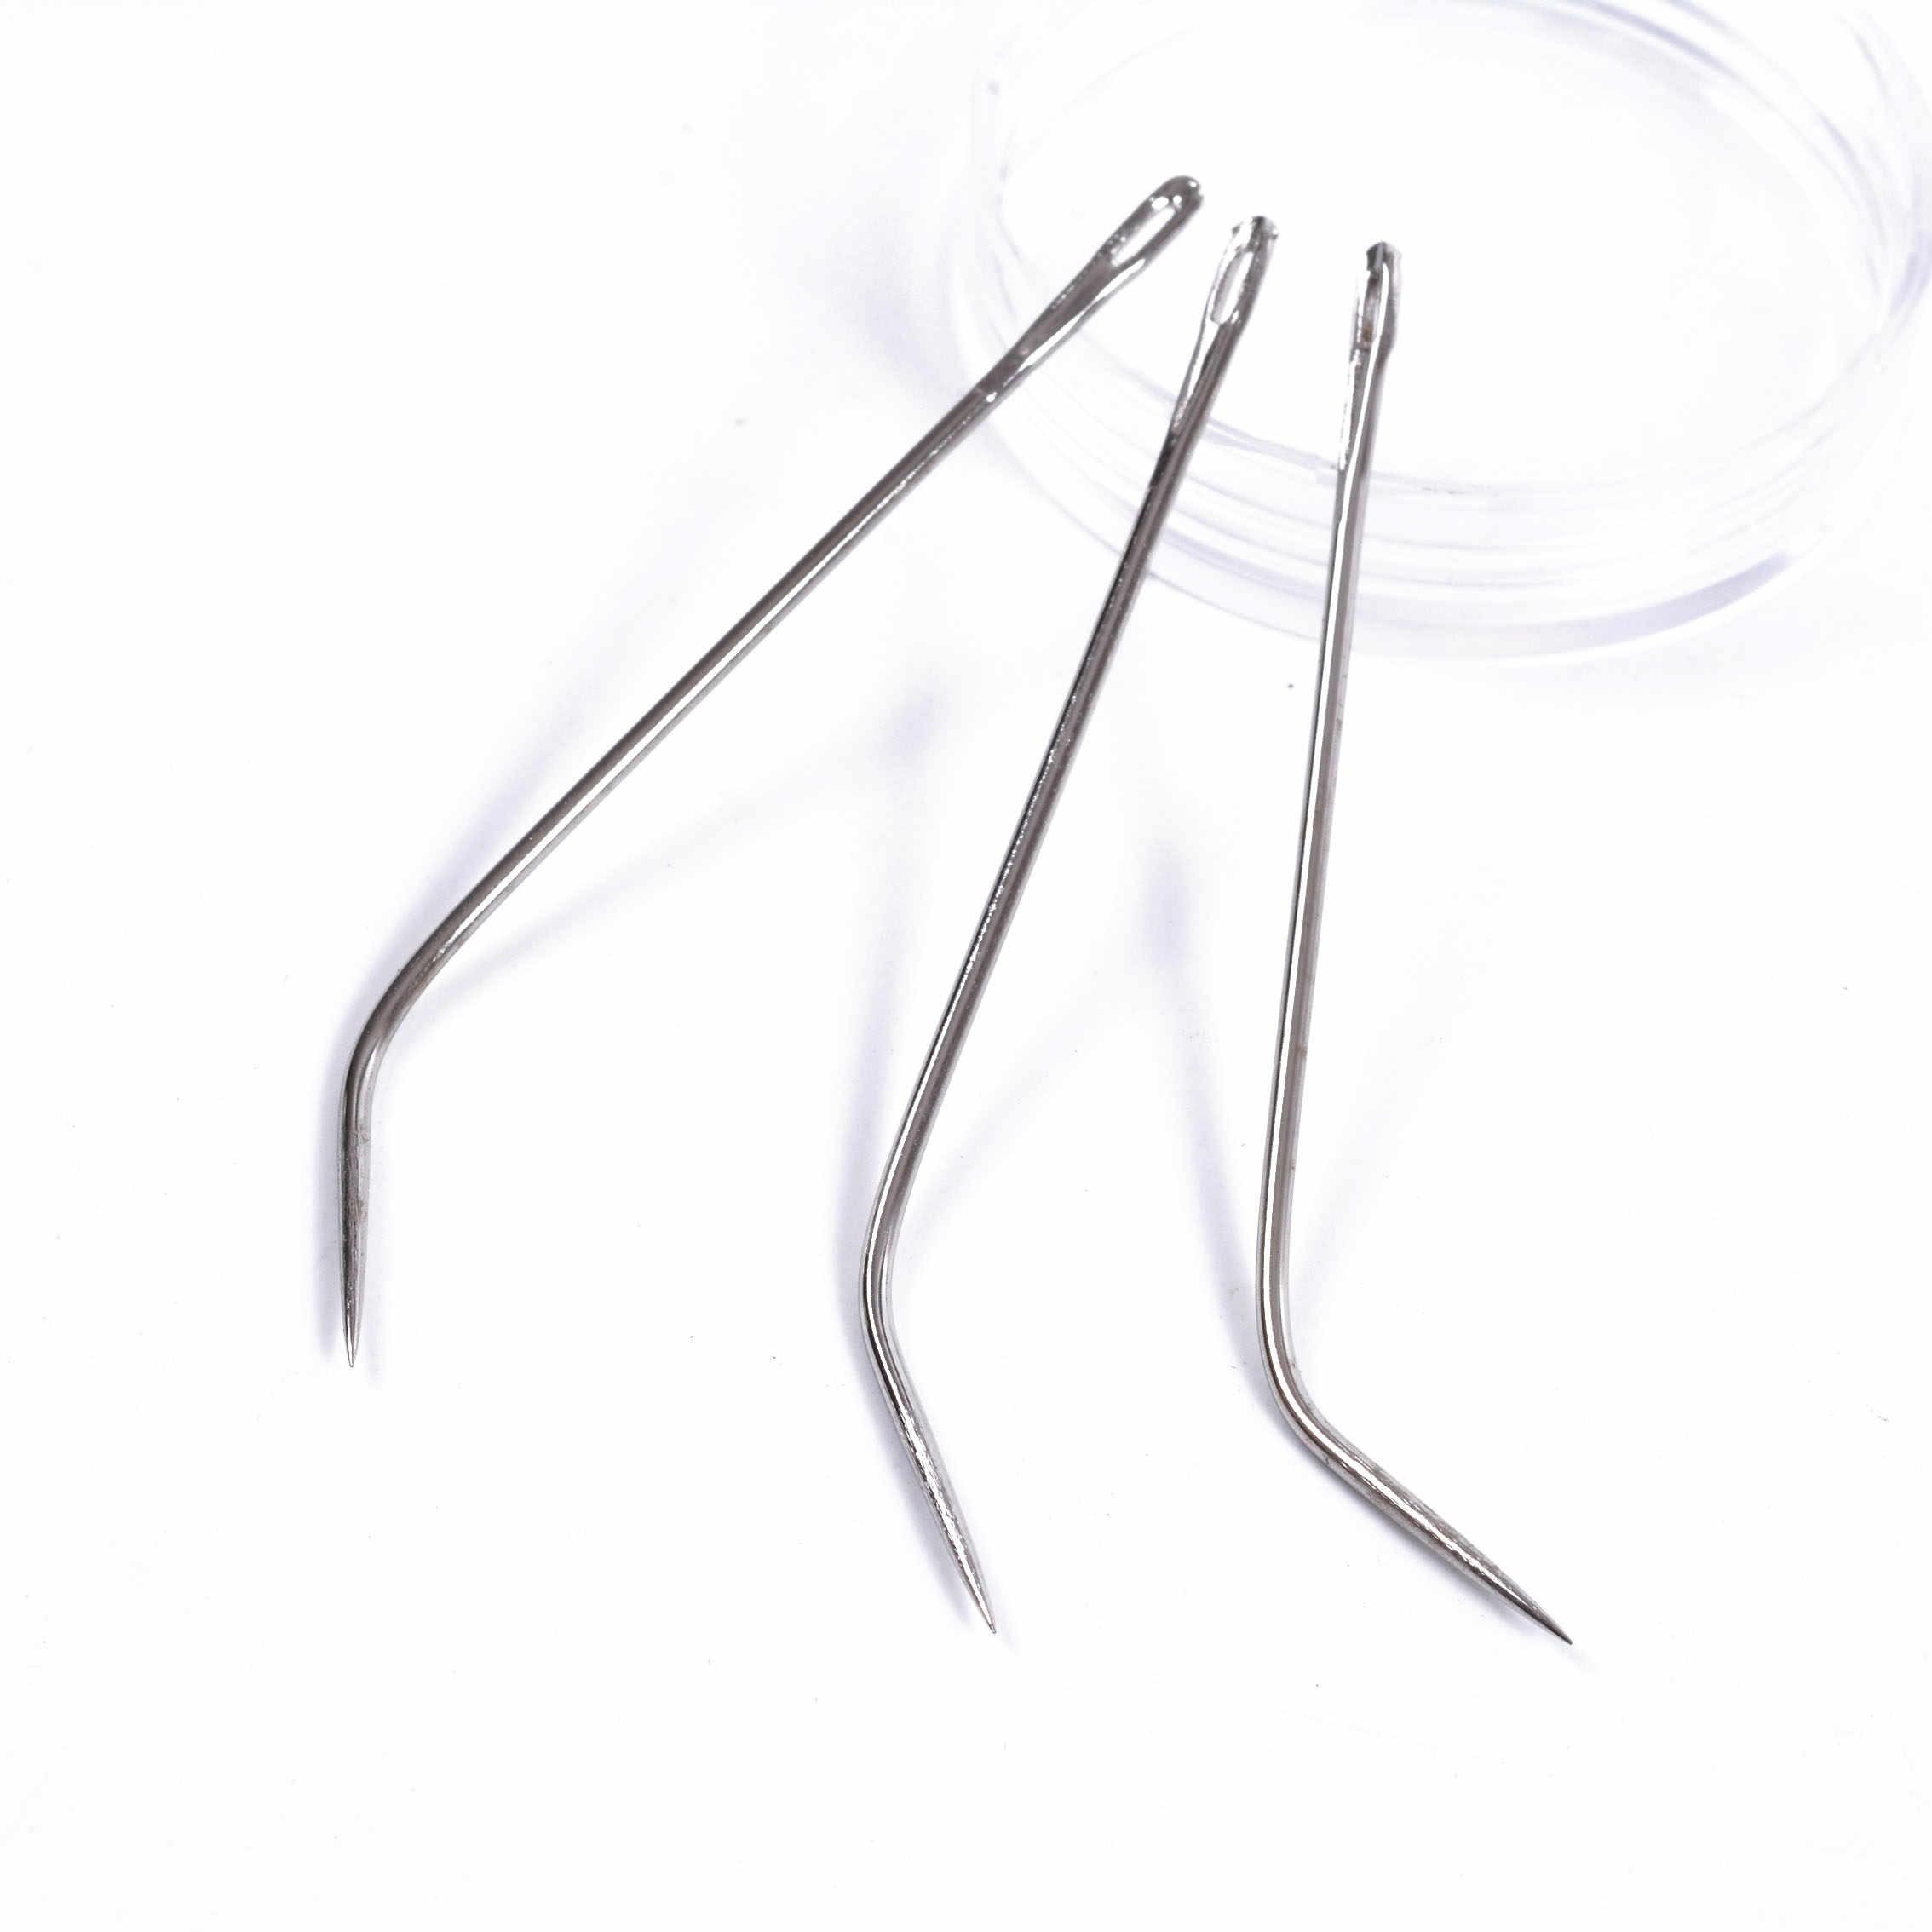 12 Uds. Tipo J aguja de tejer gancho/agujas de coser para cabello humano extensión hilada para el cabello herramientas de tejer